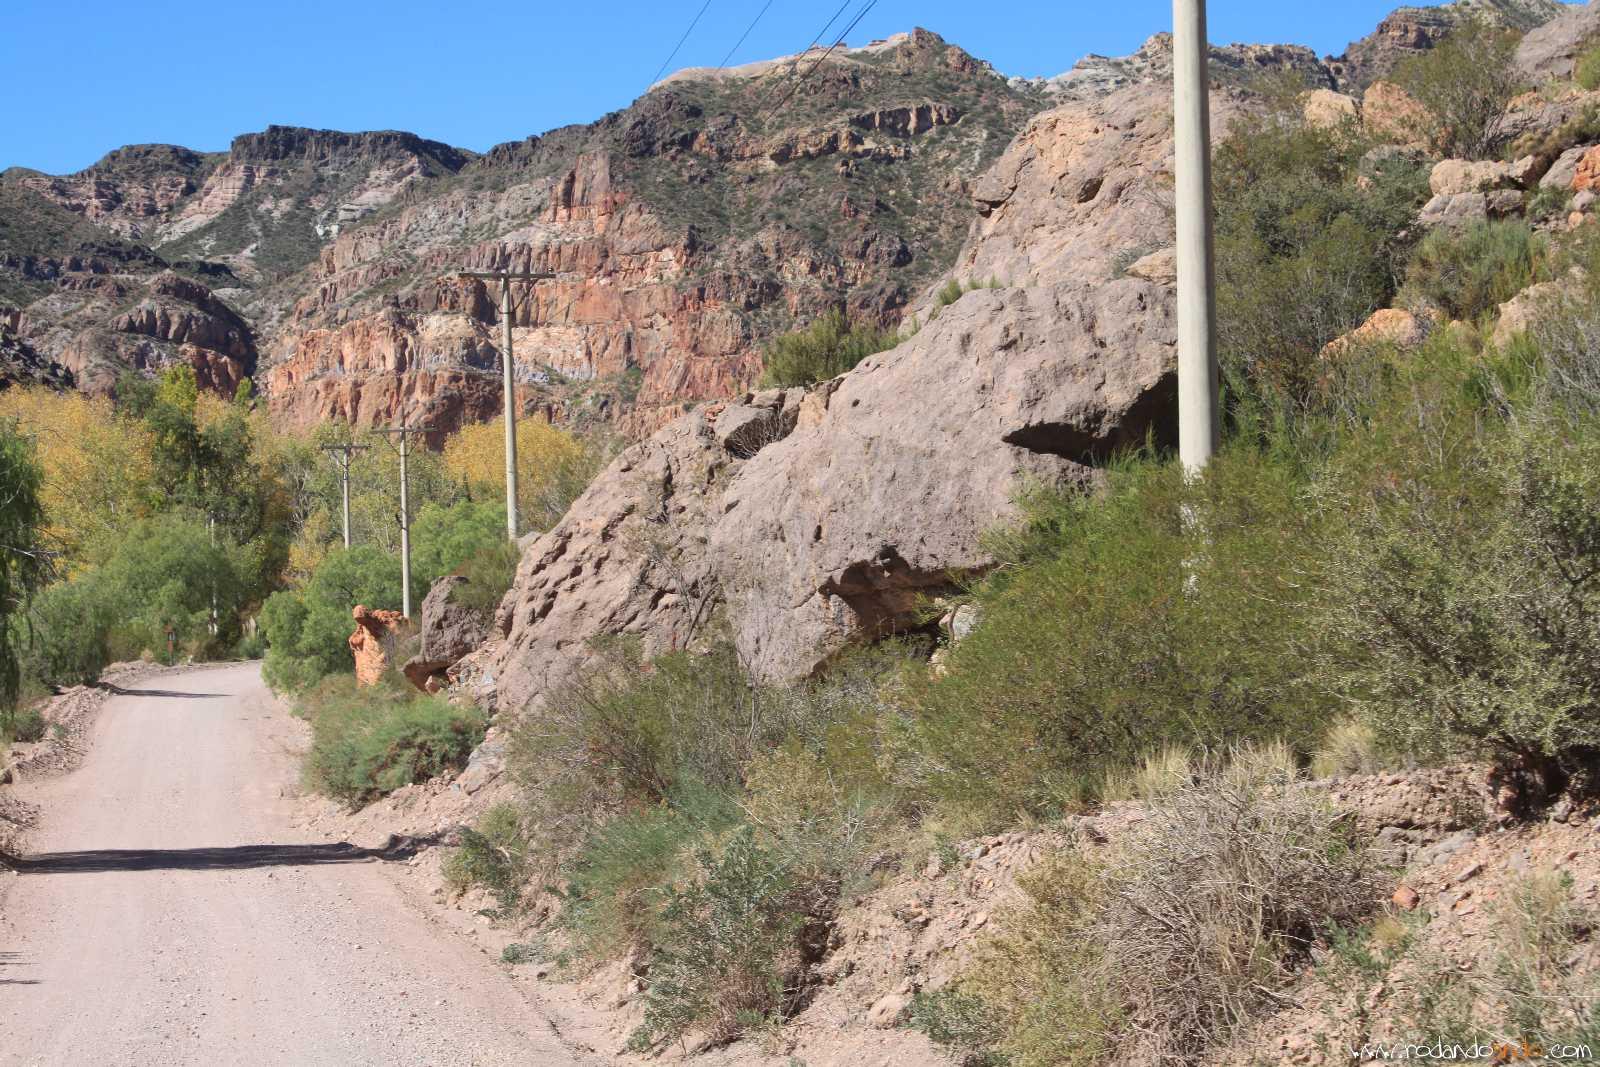 En la foto mas adelante de color rojizo una roca que parece una virgen